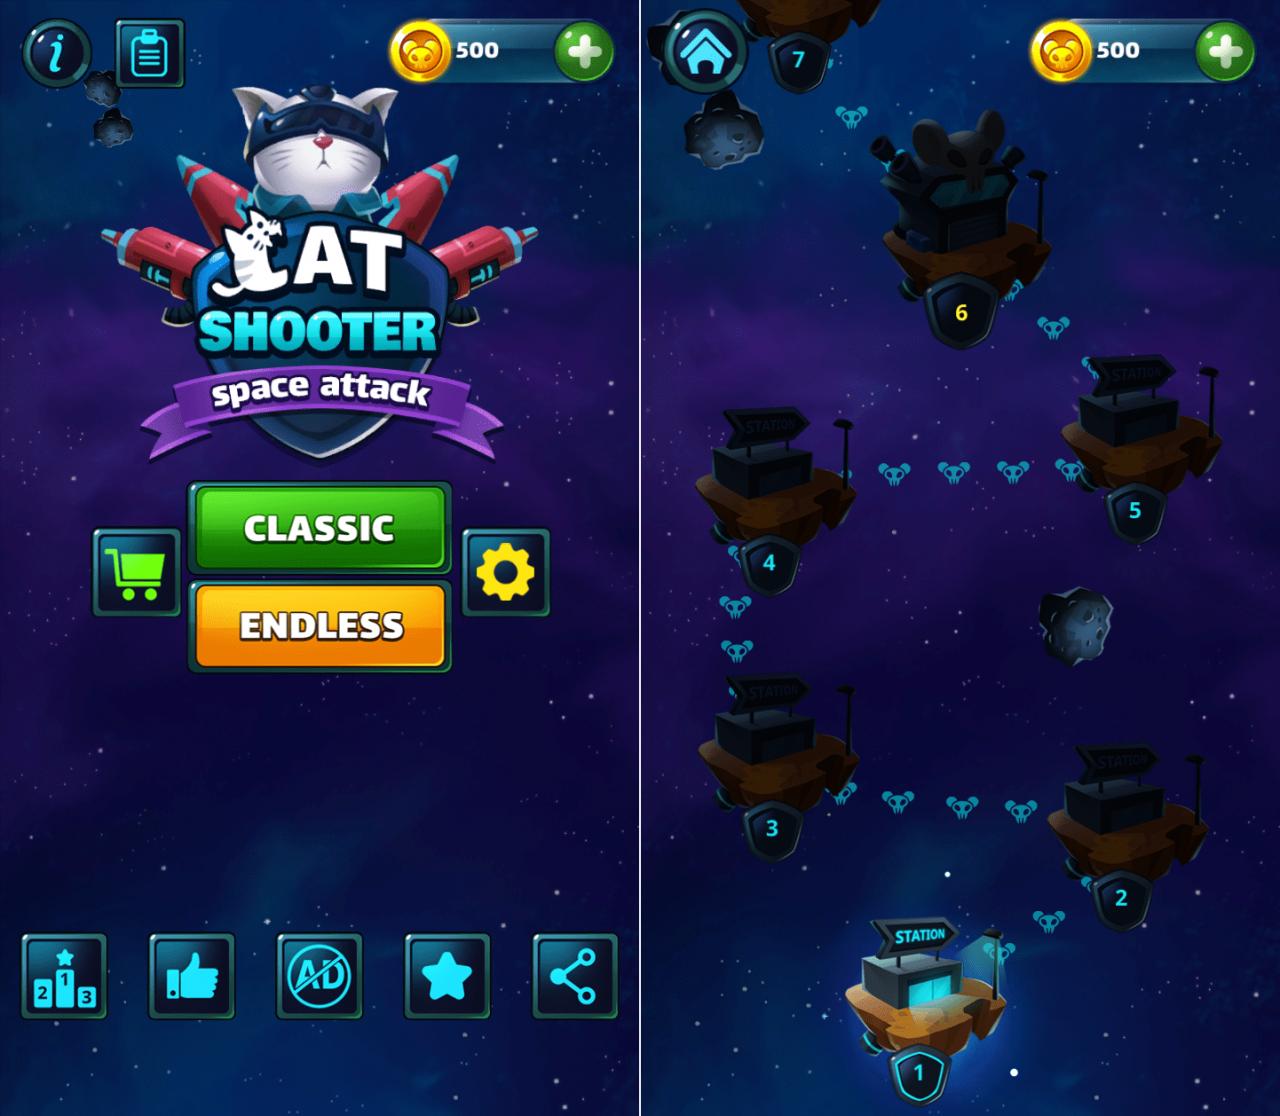 Hình ảnh DXujWjc của Tải game Cat Shooter: Space Attack - Mèo bắn chuột vũ trụ tại HieuMobile